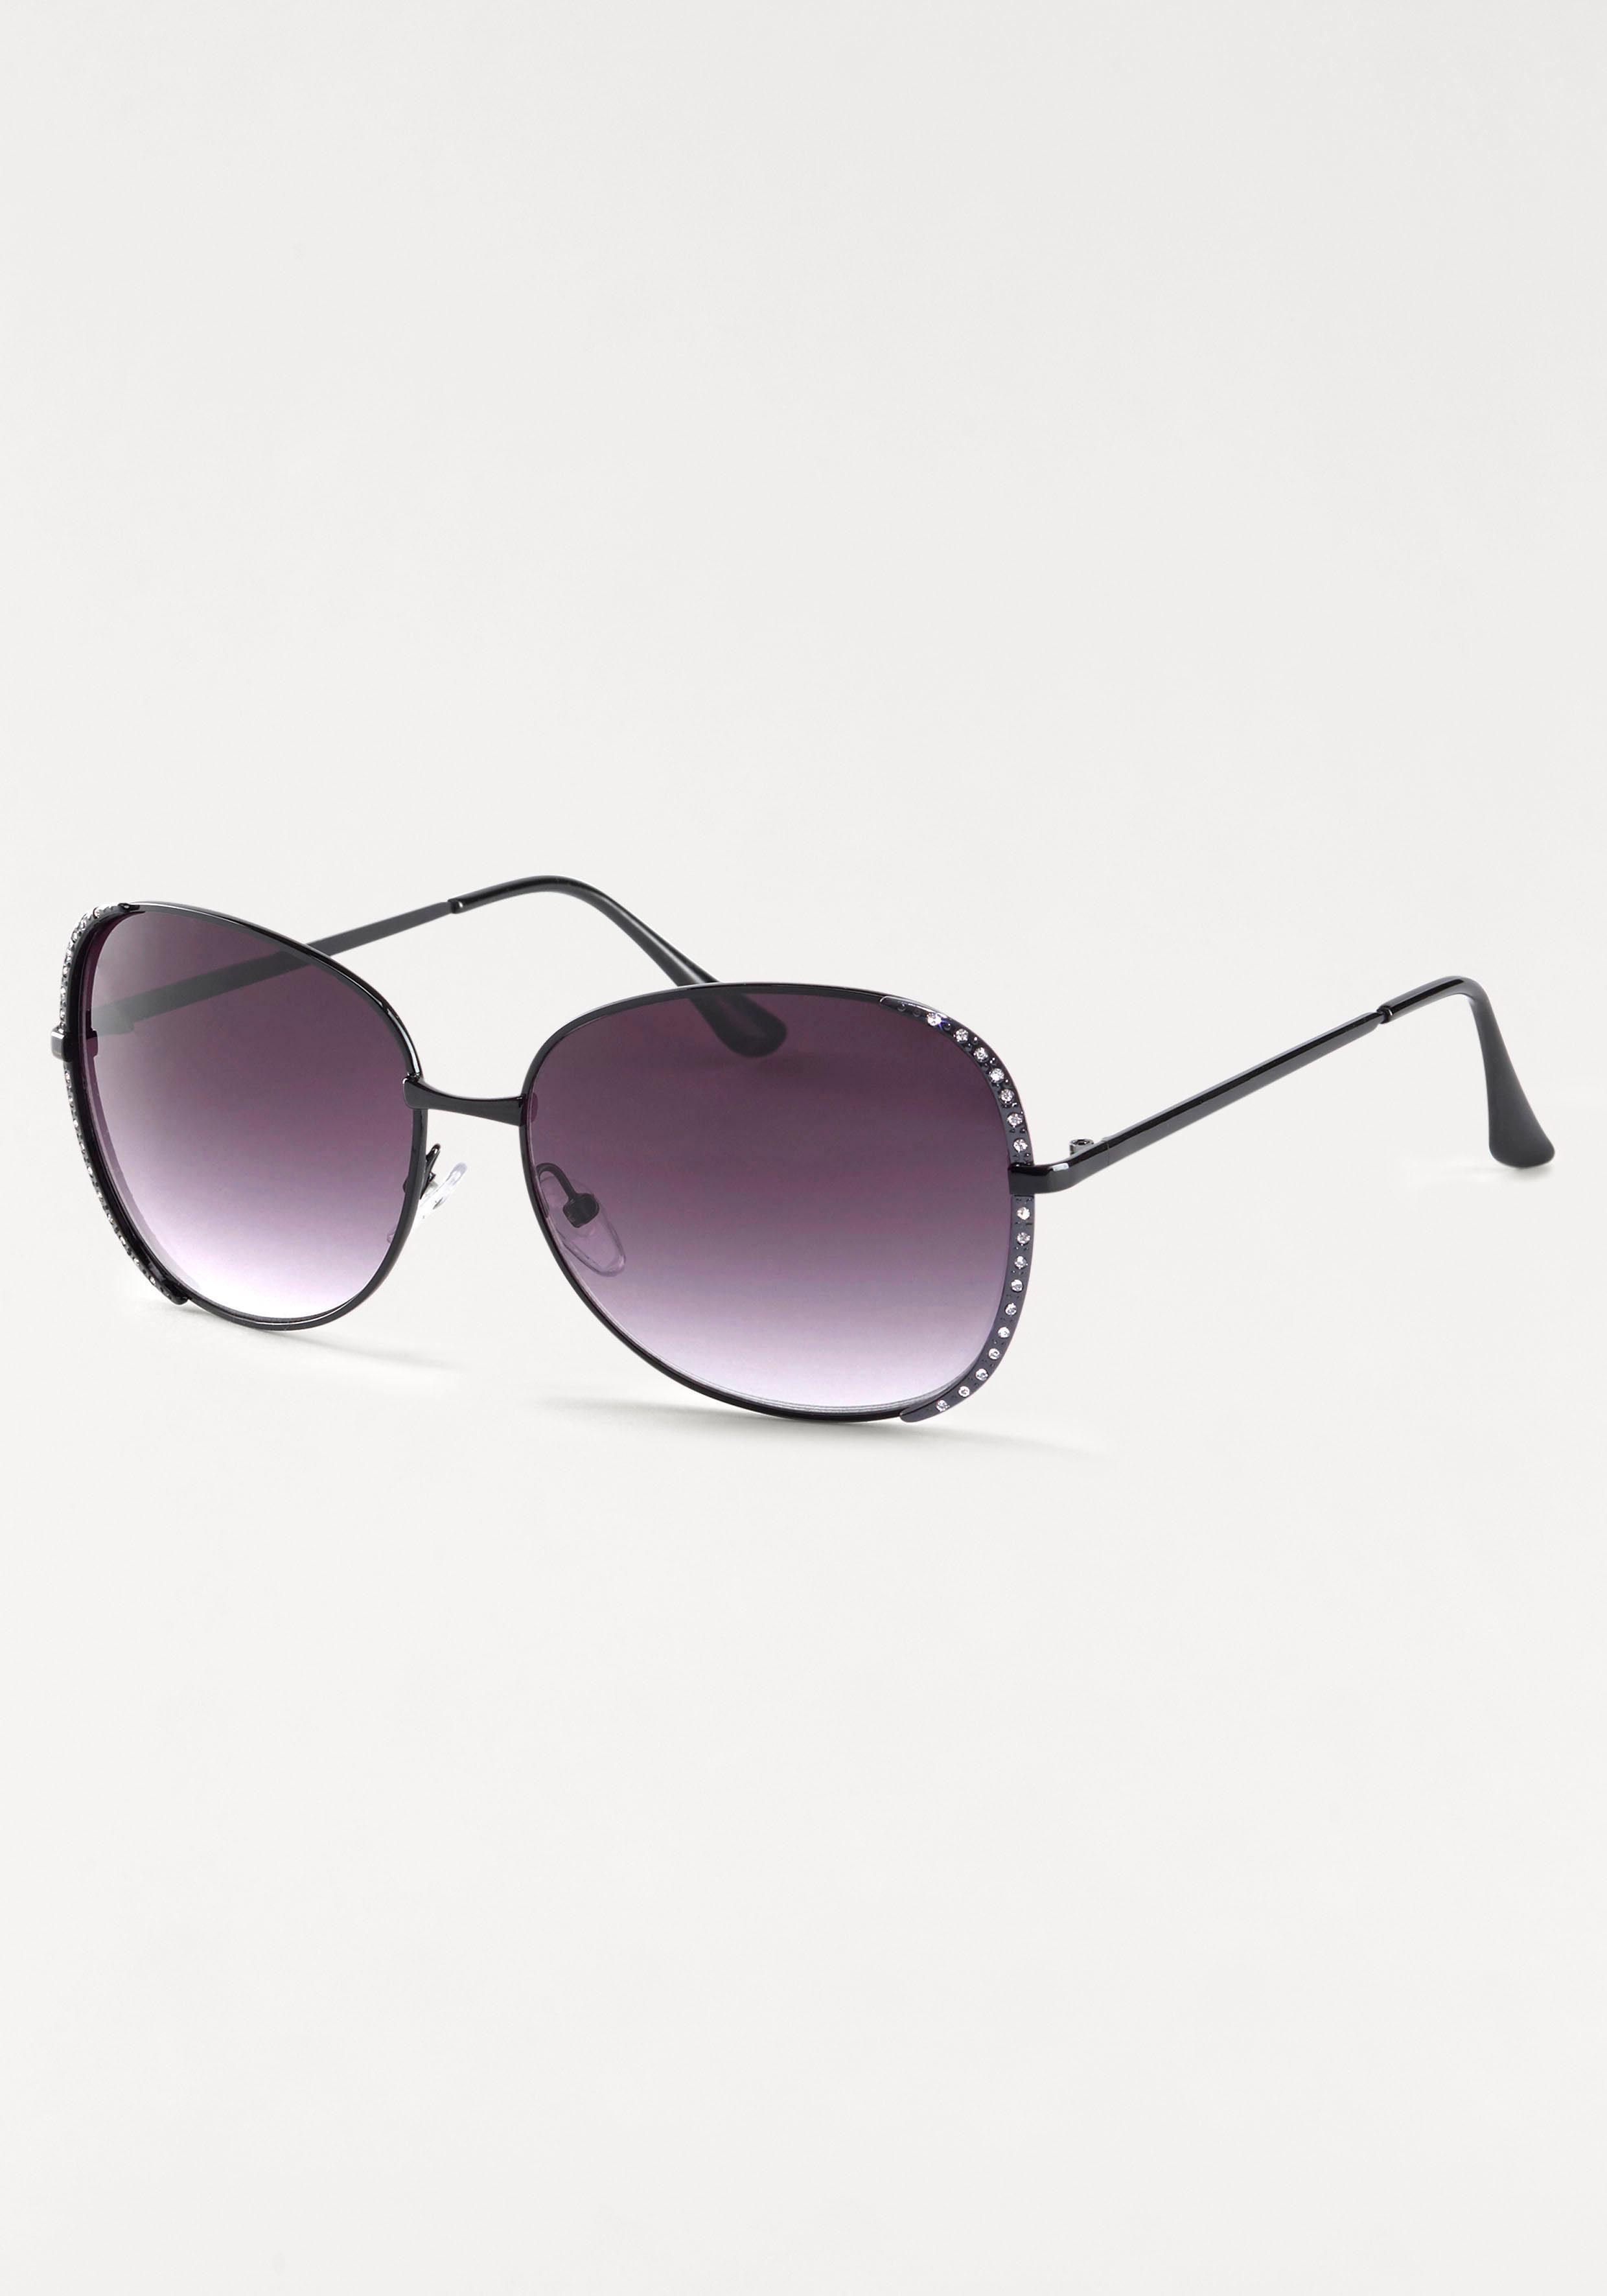 Sonnenbrille, mit Glitzersteinen am Rand, Oversize Look